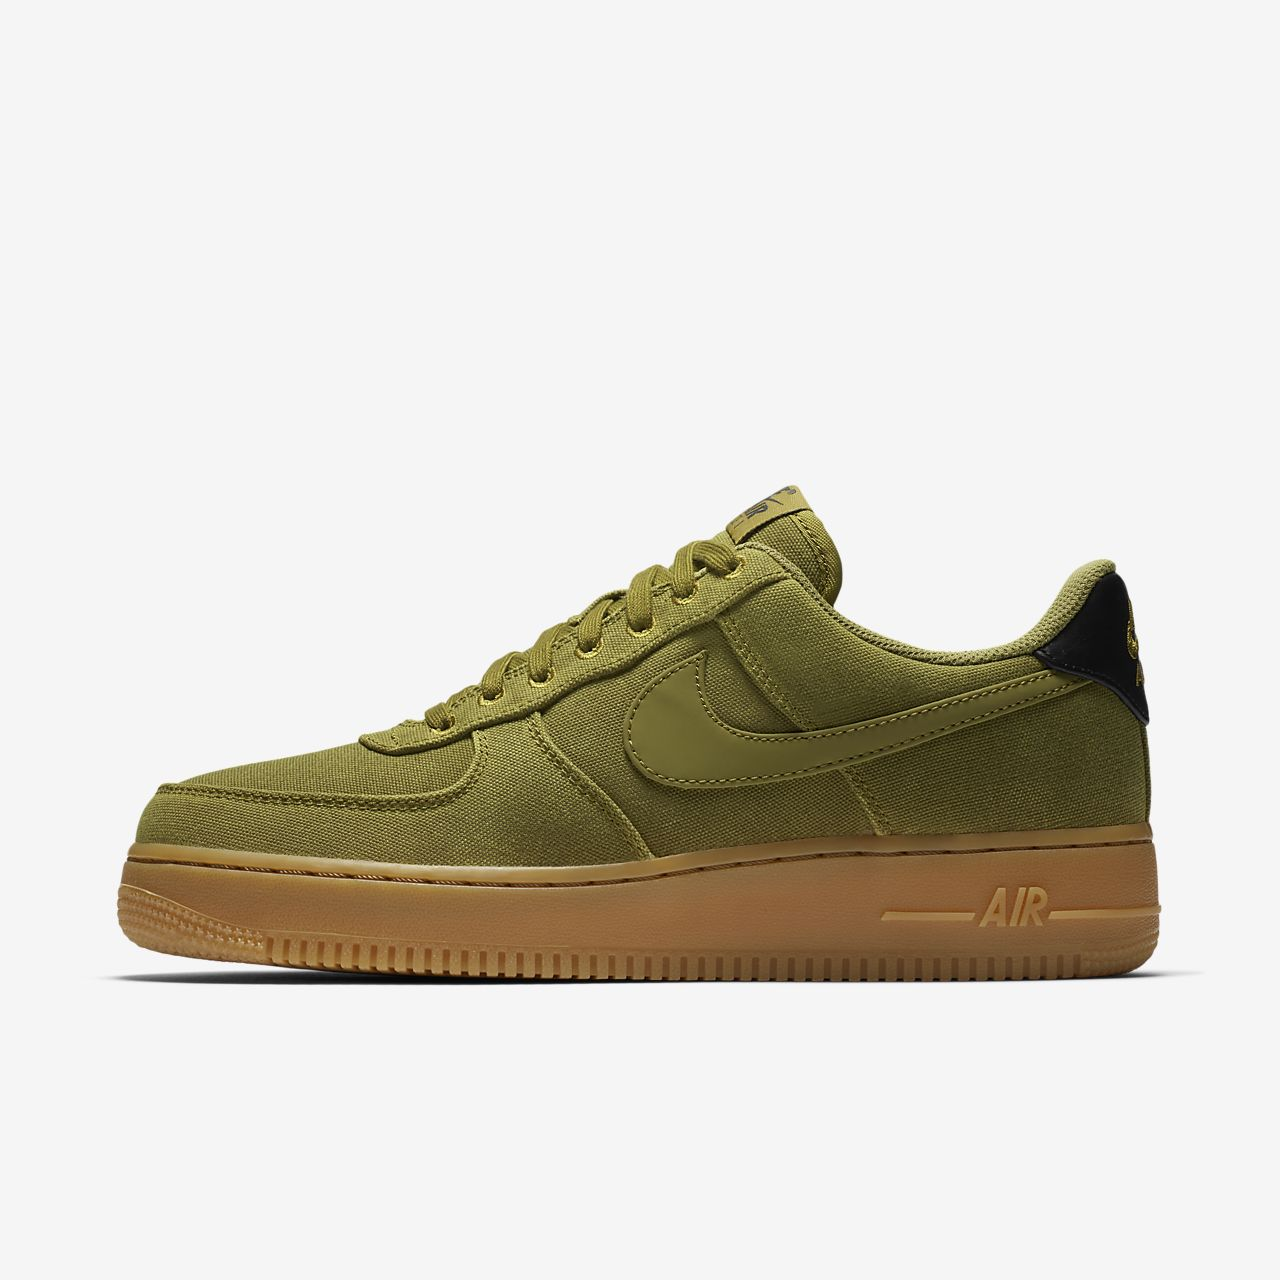 bdb551ac208 Calzado para hombre Nike Air Force 1 07 LV8 Style. Nike.com CL